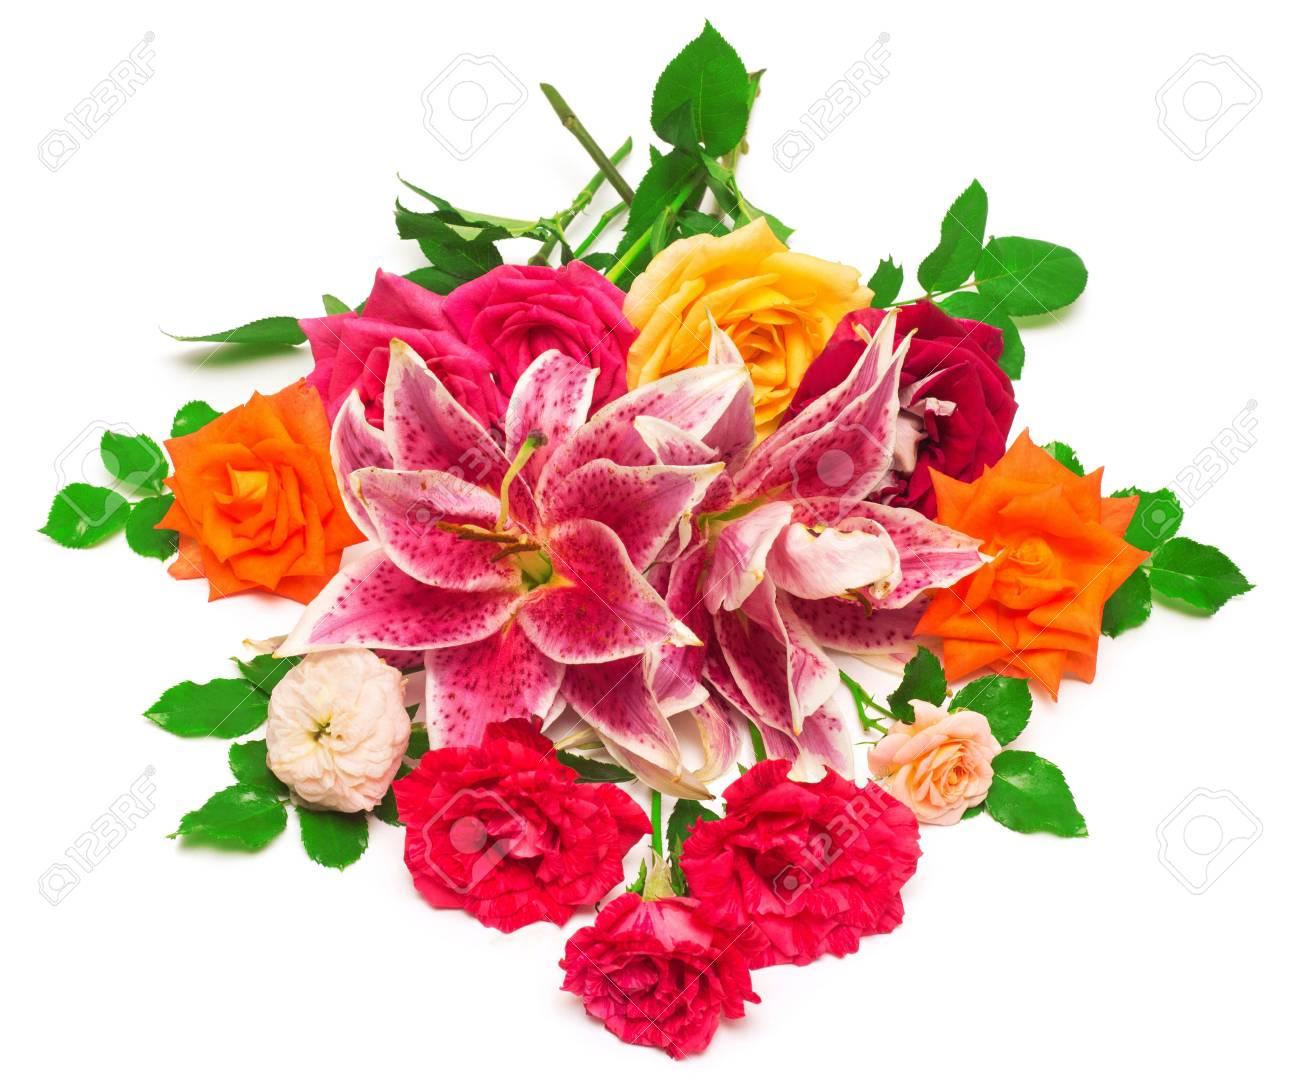 Beau Bouquet De Roses Et De Lys Isole Sur Fond Blanc Faire Part De Mariage Voir En Haut A Plat Floristique Flore Fleurs Rouge Orange Vert